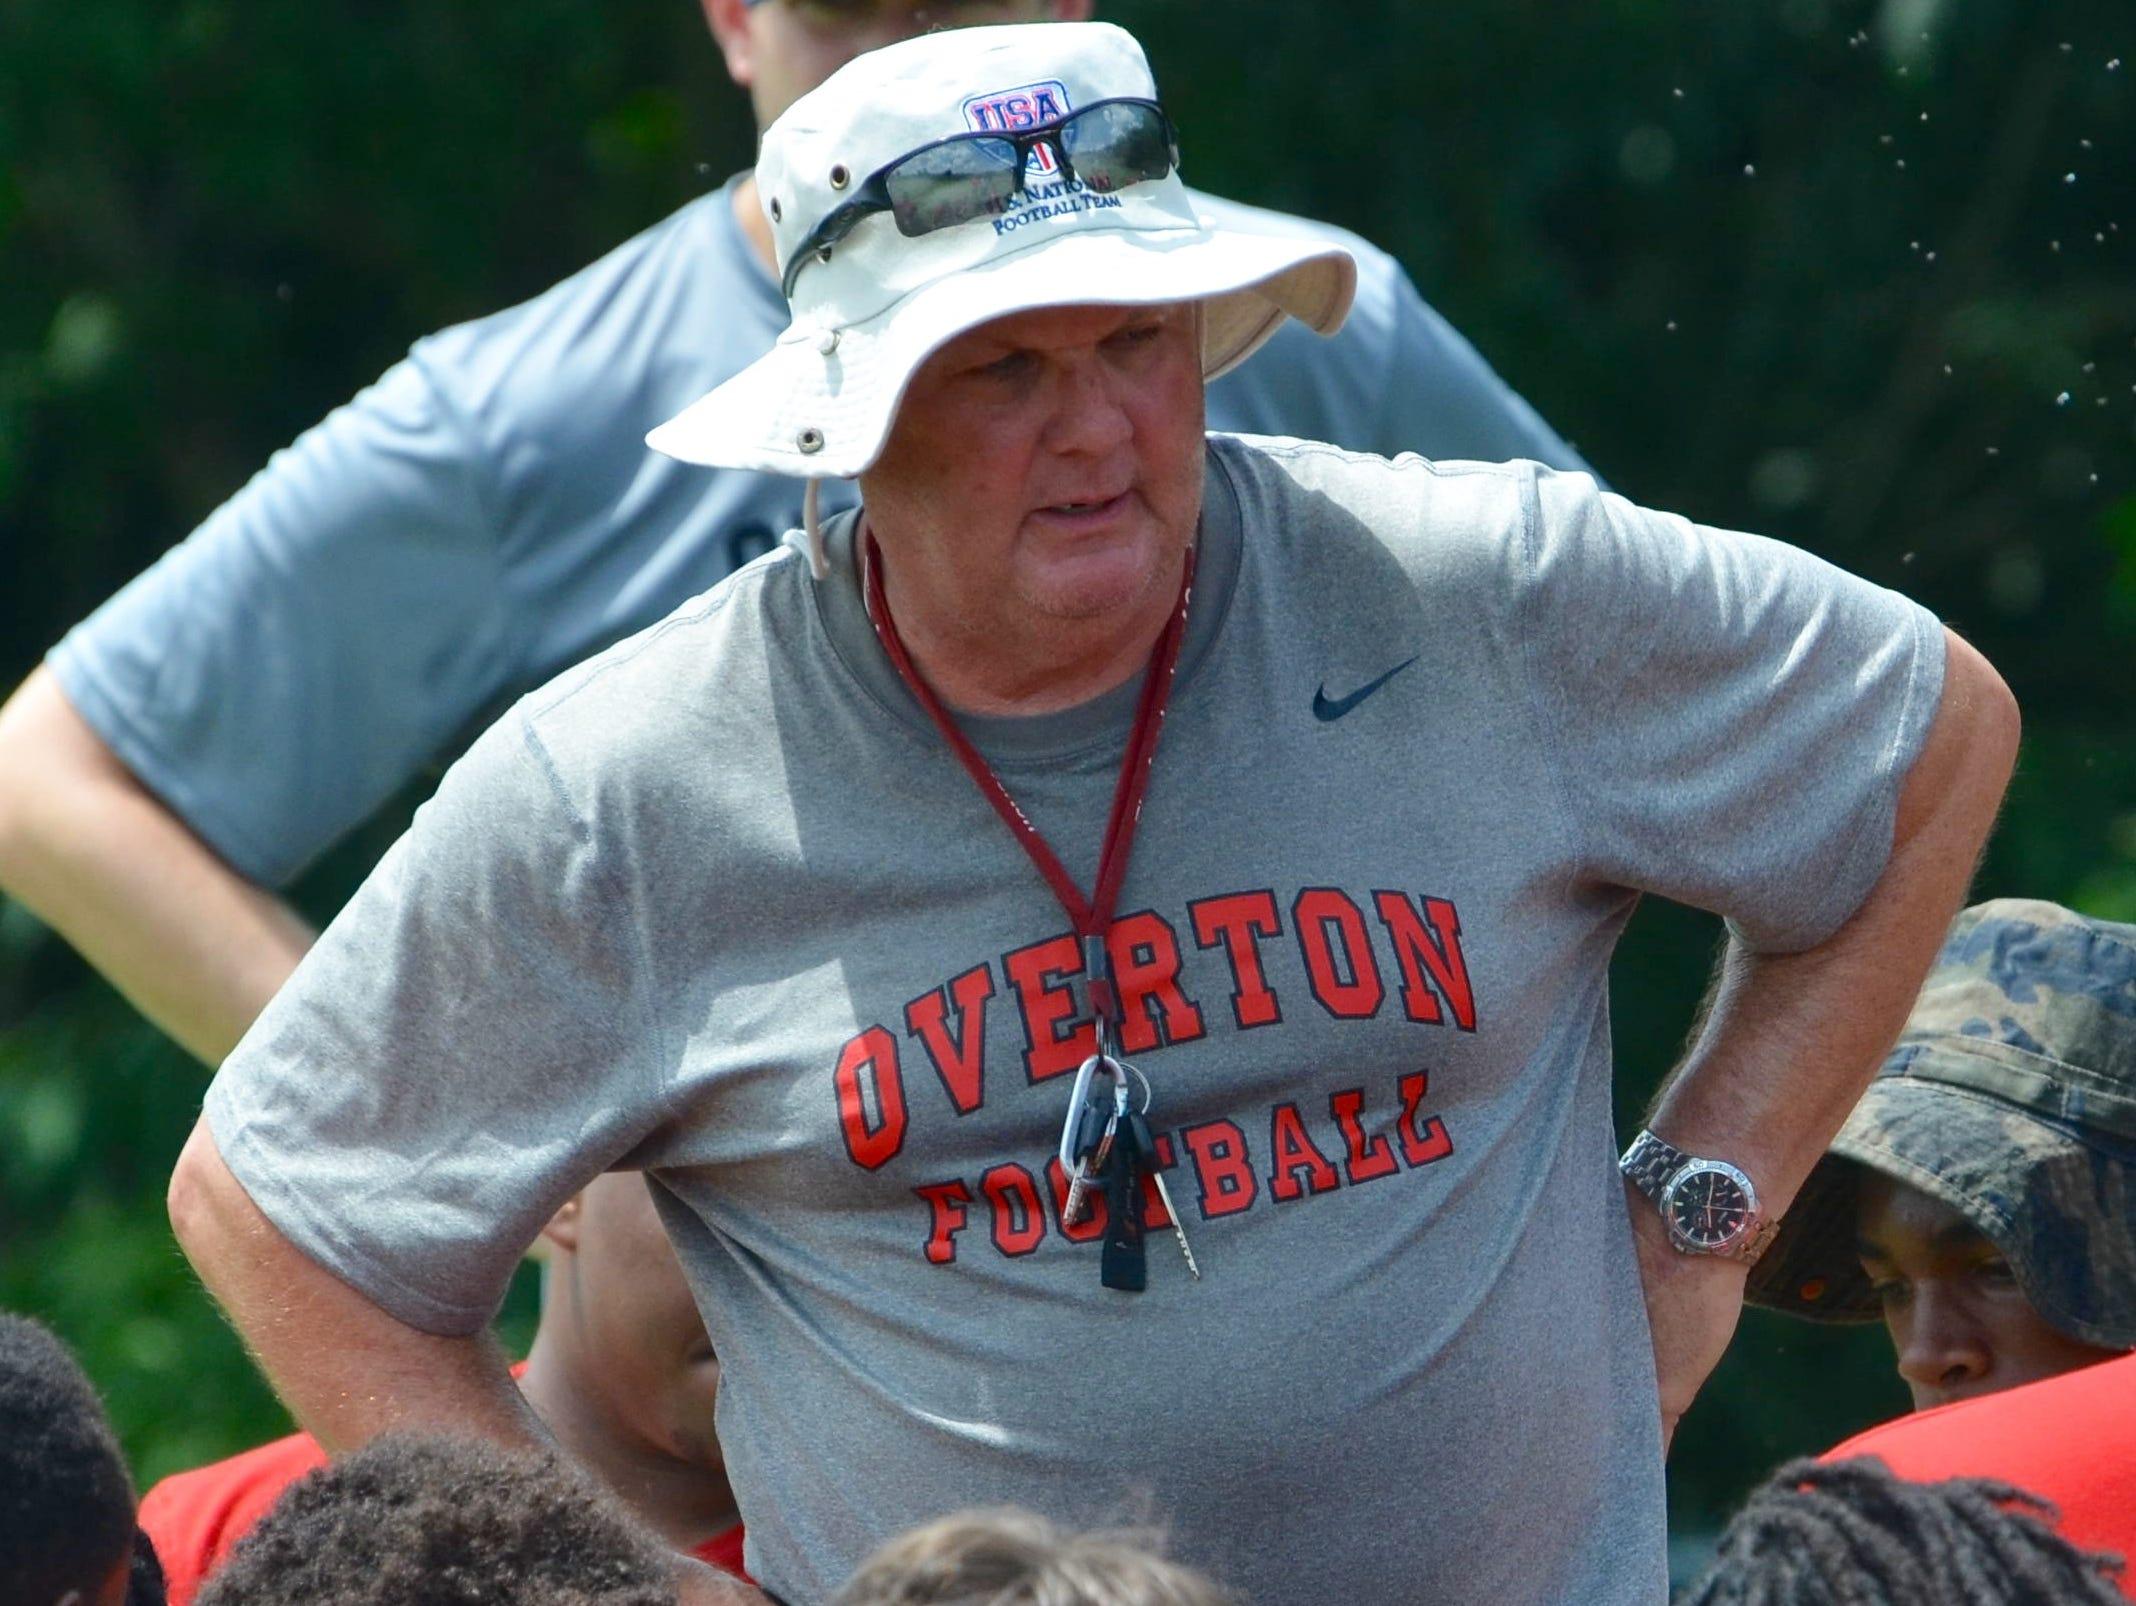 Overton coach Steven Williams